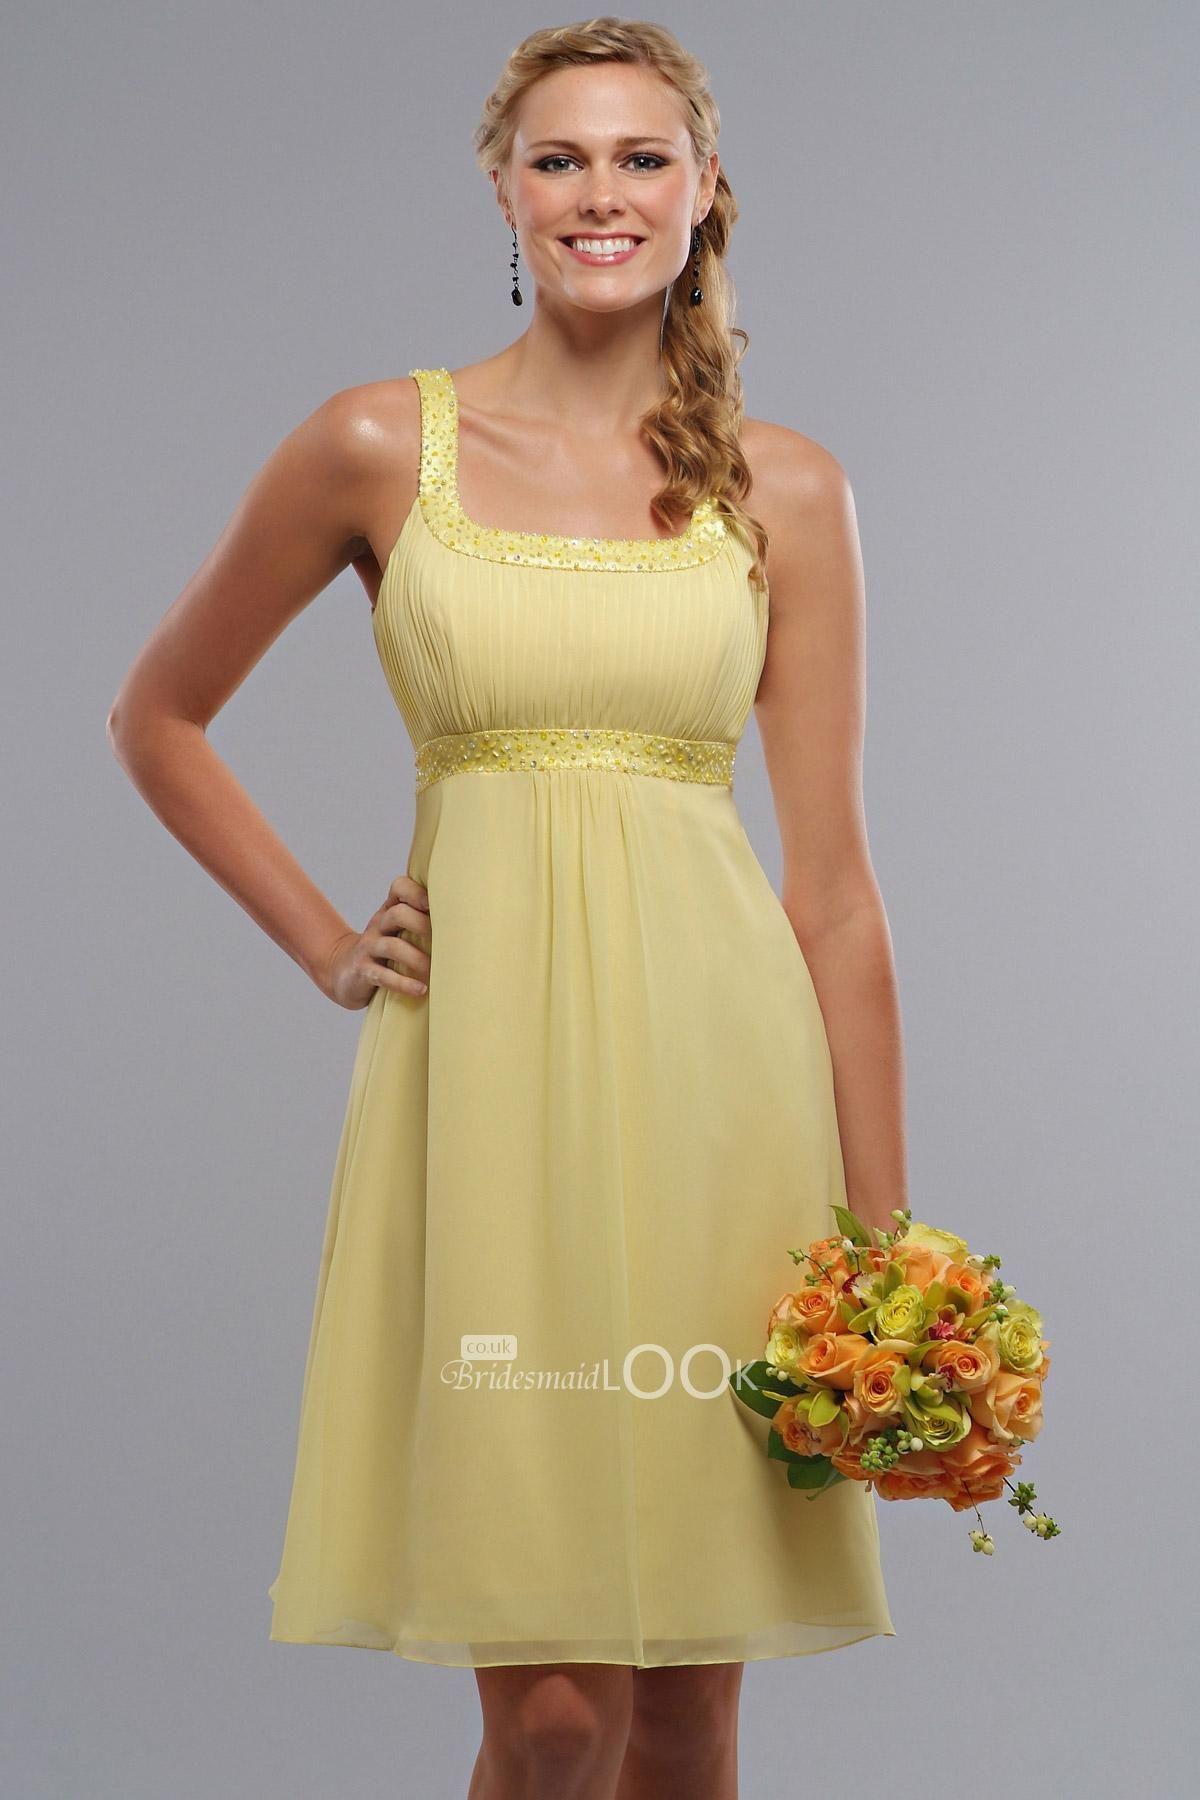 Chiffon ankle length yellow chiffon bridesmaid dress chiffon ankle length yellow chiffon bridesmaid dress bridesmaidlook ombrellifo Gallery